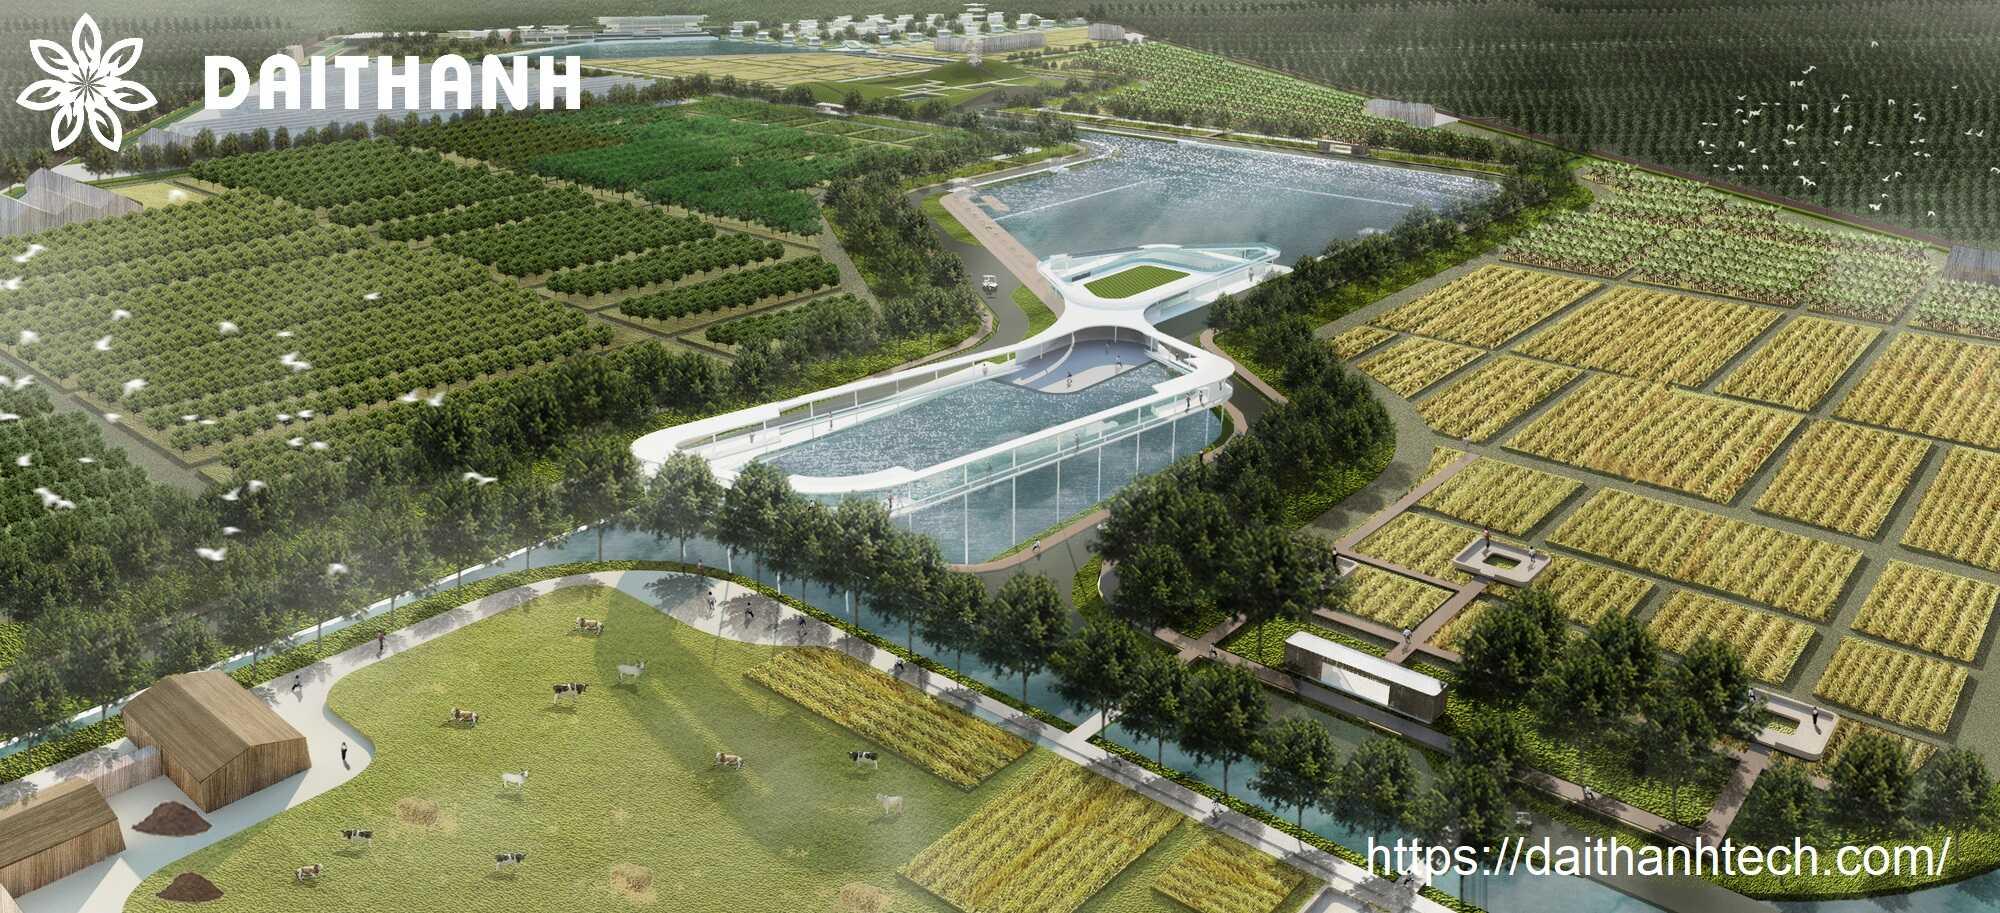 Hiện trạng nông nghiệp hữu cơ ở Việt Nam